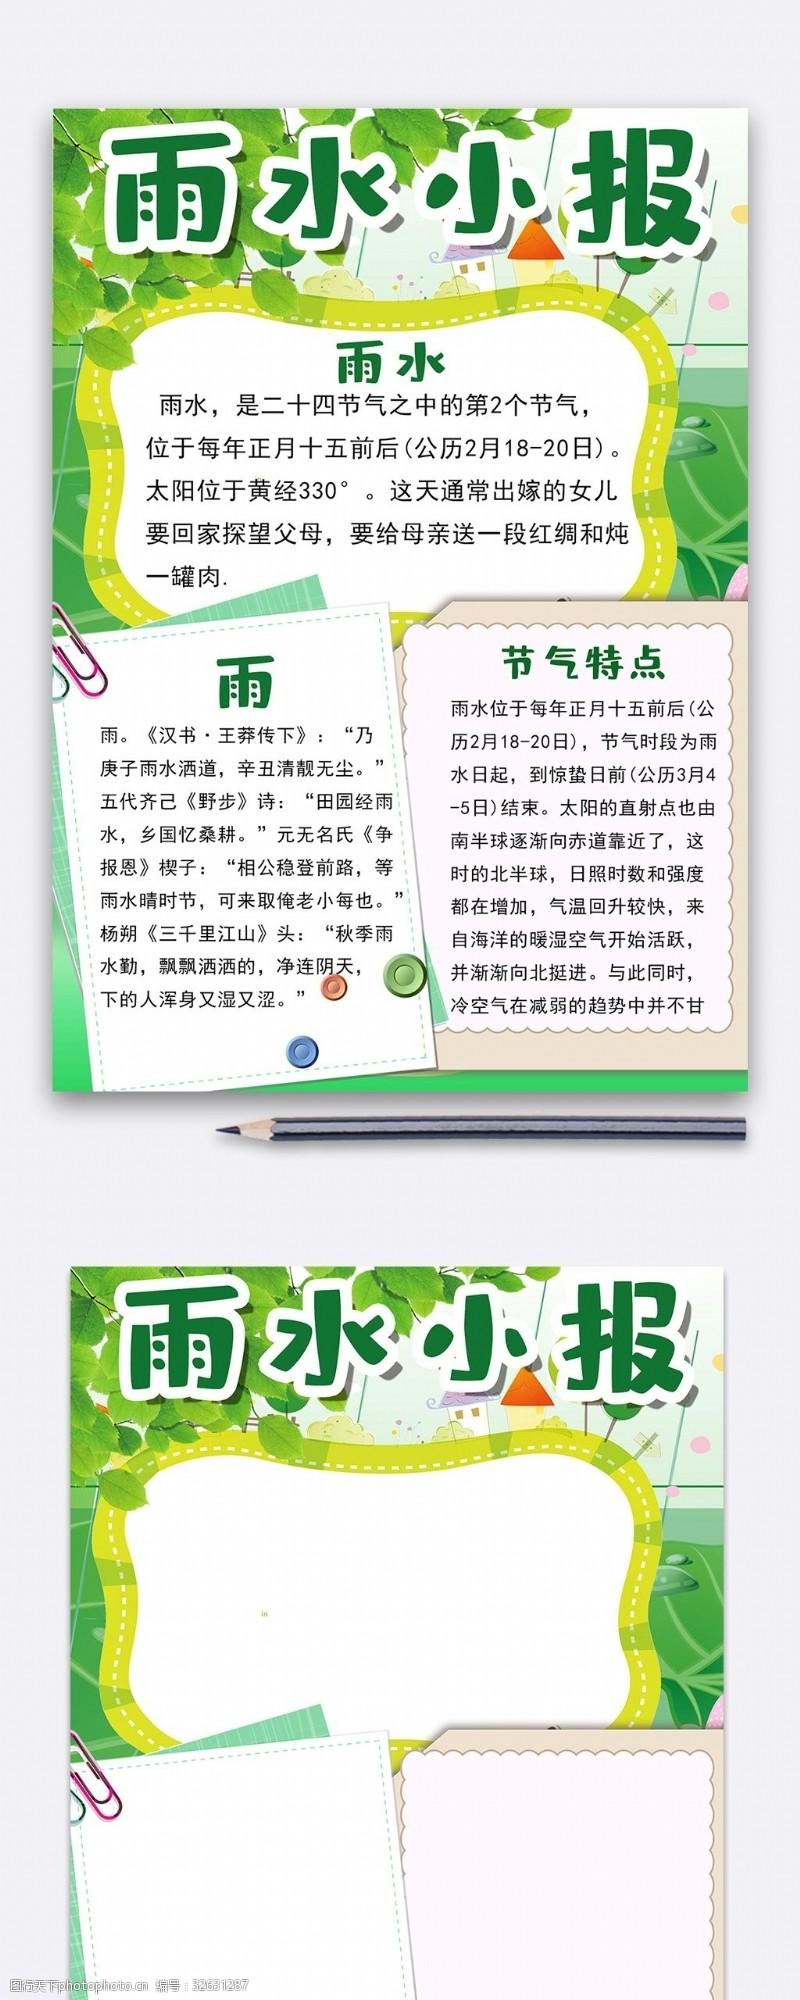 綠色手繪插畫風格雨水小報節氣小報